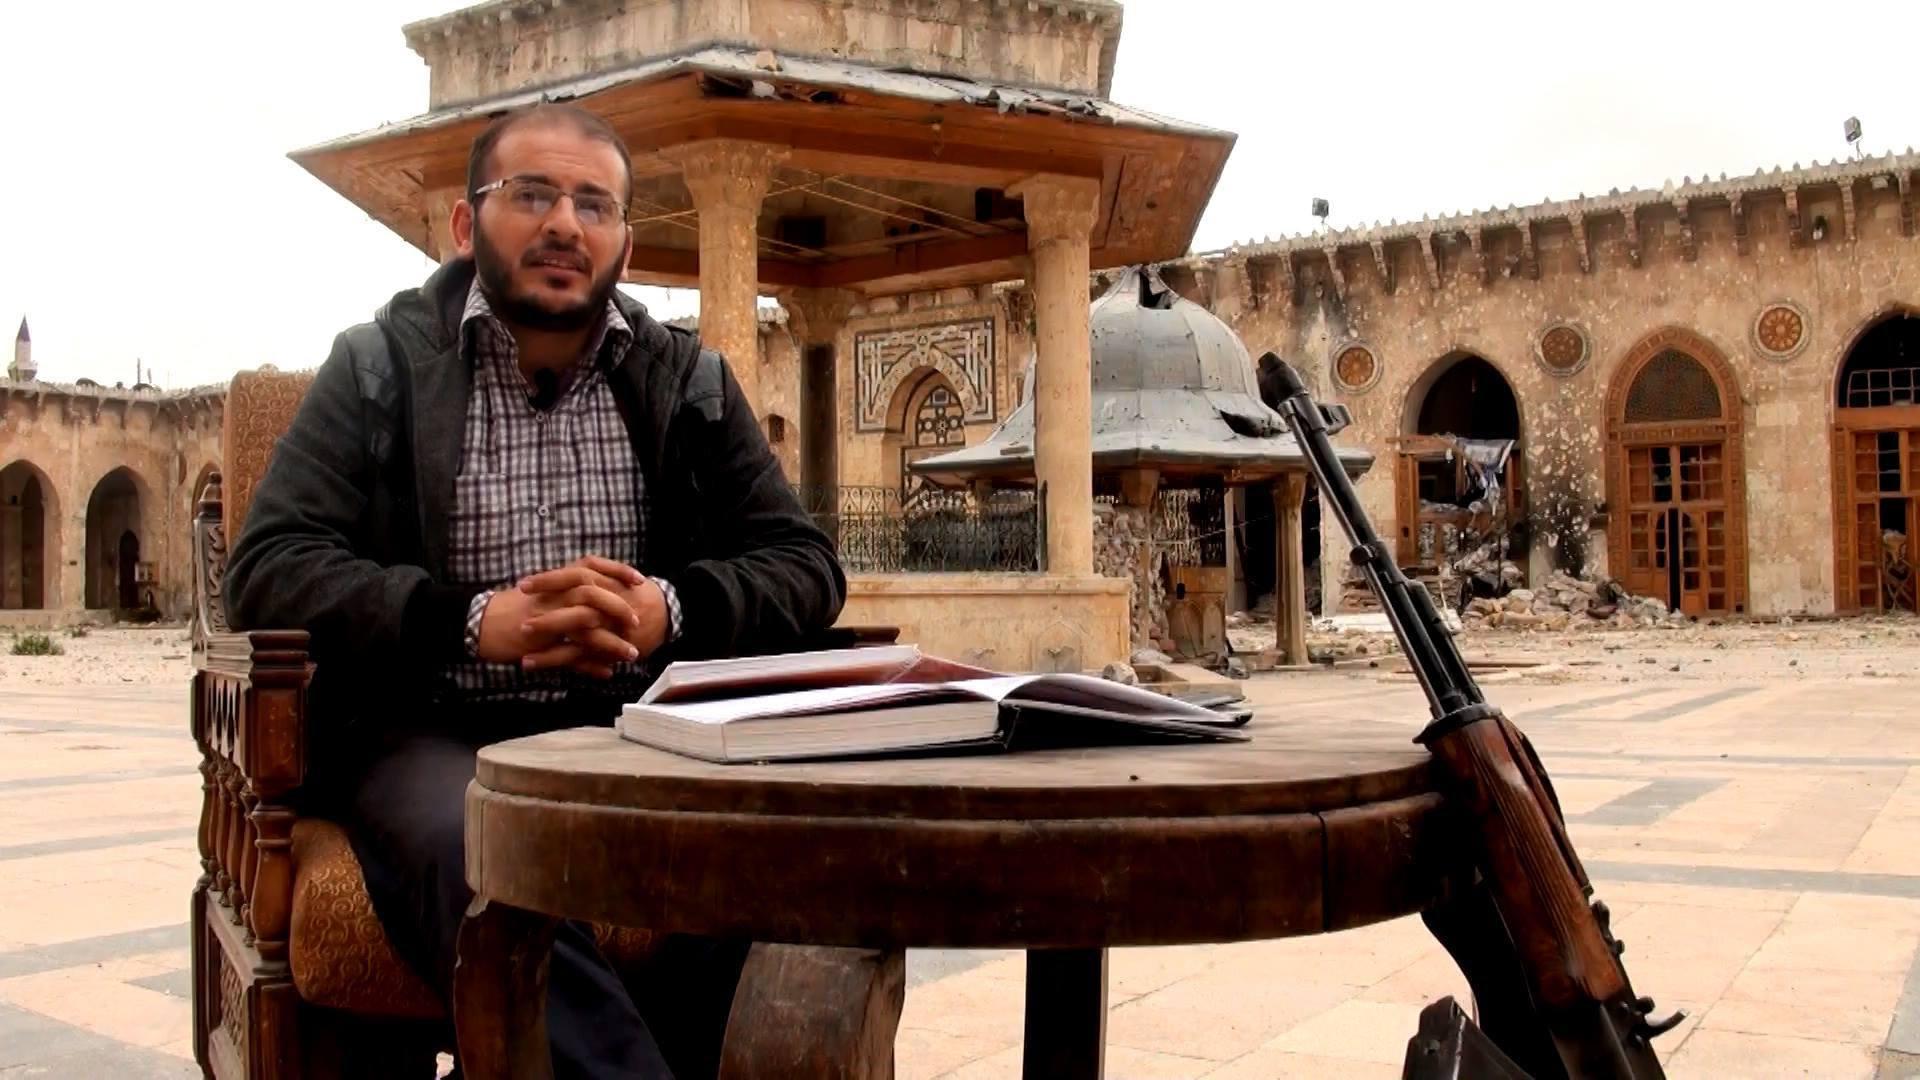 داعش يتبنى إطلاق النار على الإعلامي السوري زاهر الشرقاط في تركيا.. ومقربون منه: استطاع تجنيب الناس الانضمام للتنظيم - CNNArabic.com